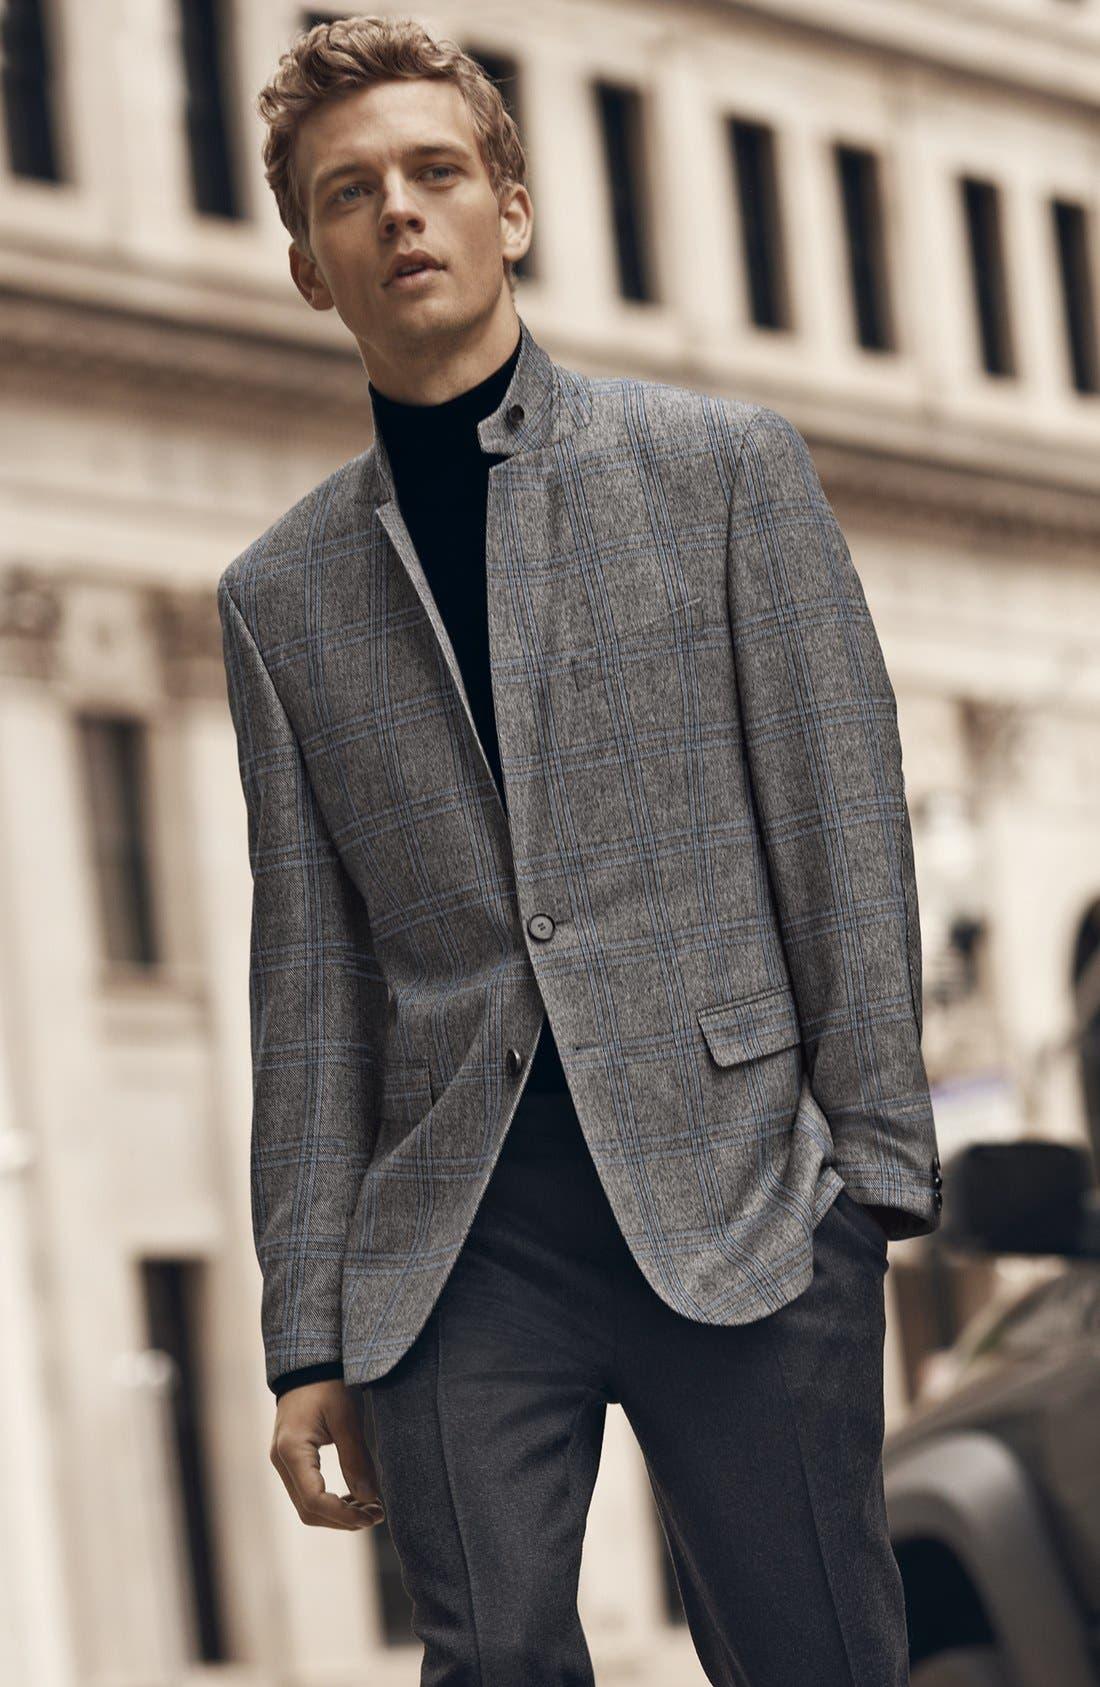 Alternate Image 1 Selected - BOSS HUGO BOSS Sportcoat & Trousers